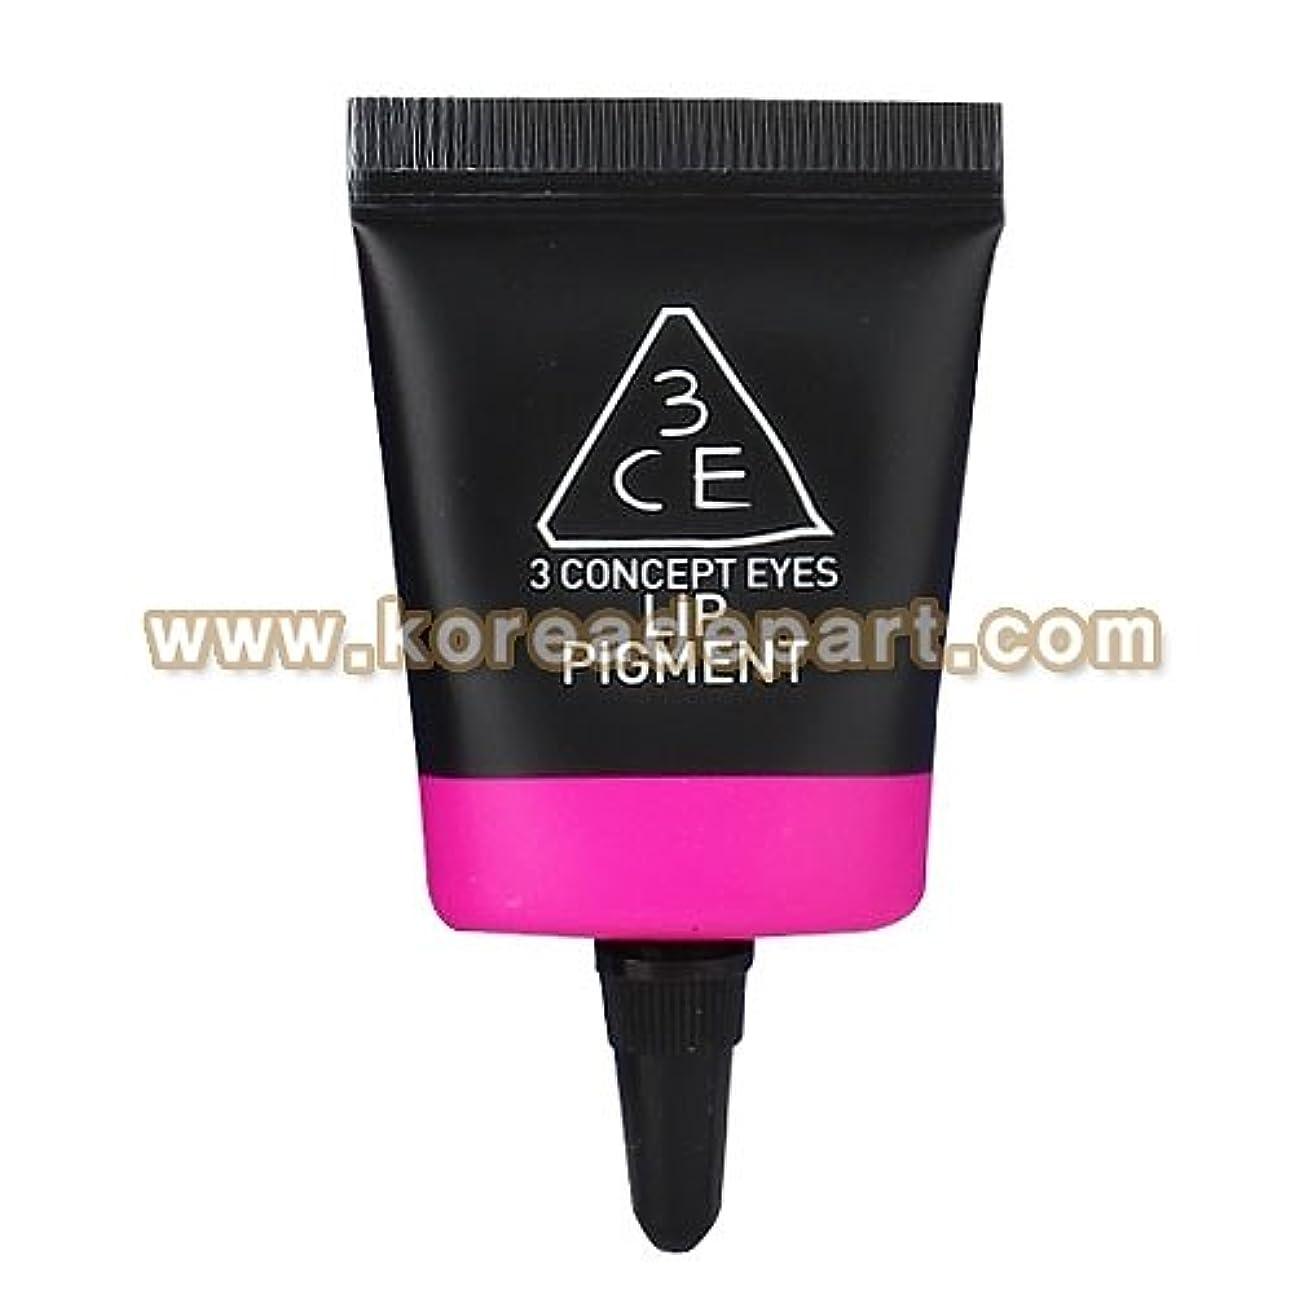 ラッドヤードキップリングアフリカパトロール3CE リップ ピグメント (electro pink) [海外直送品][並行輸入品]